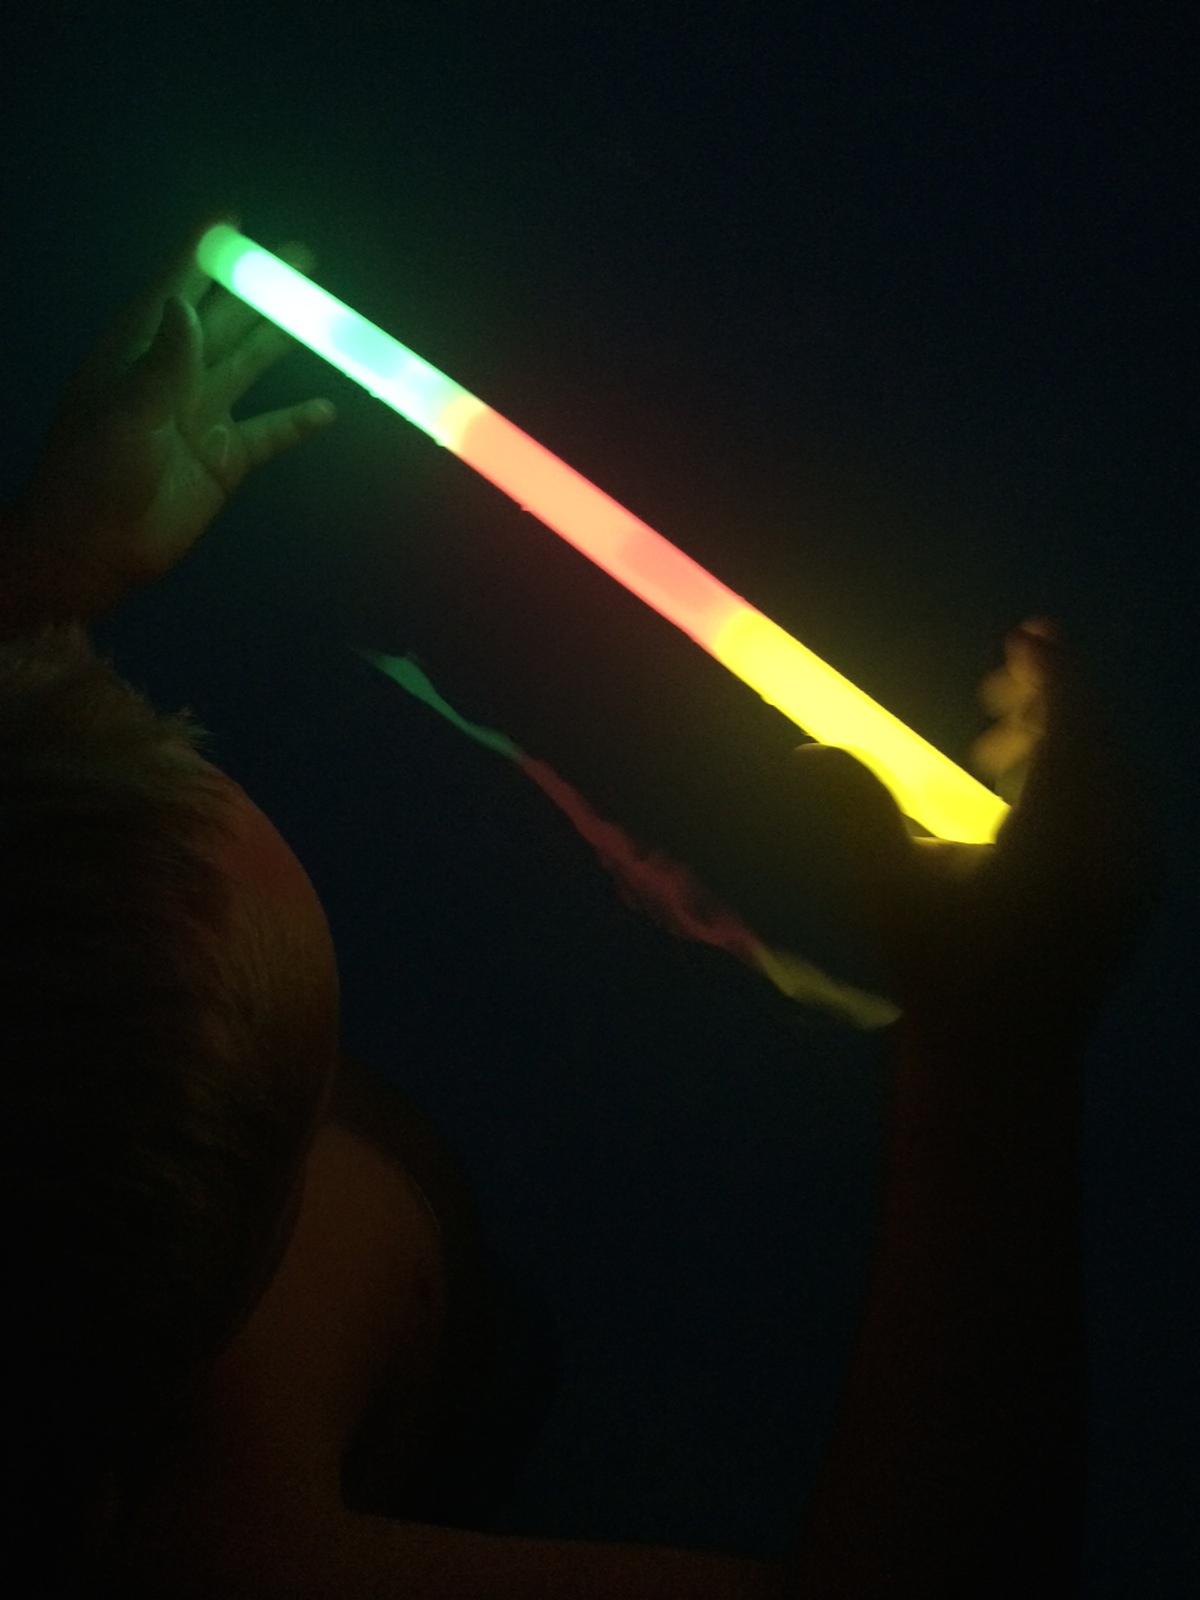 Glow sticks in the pool